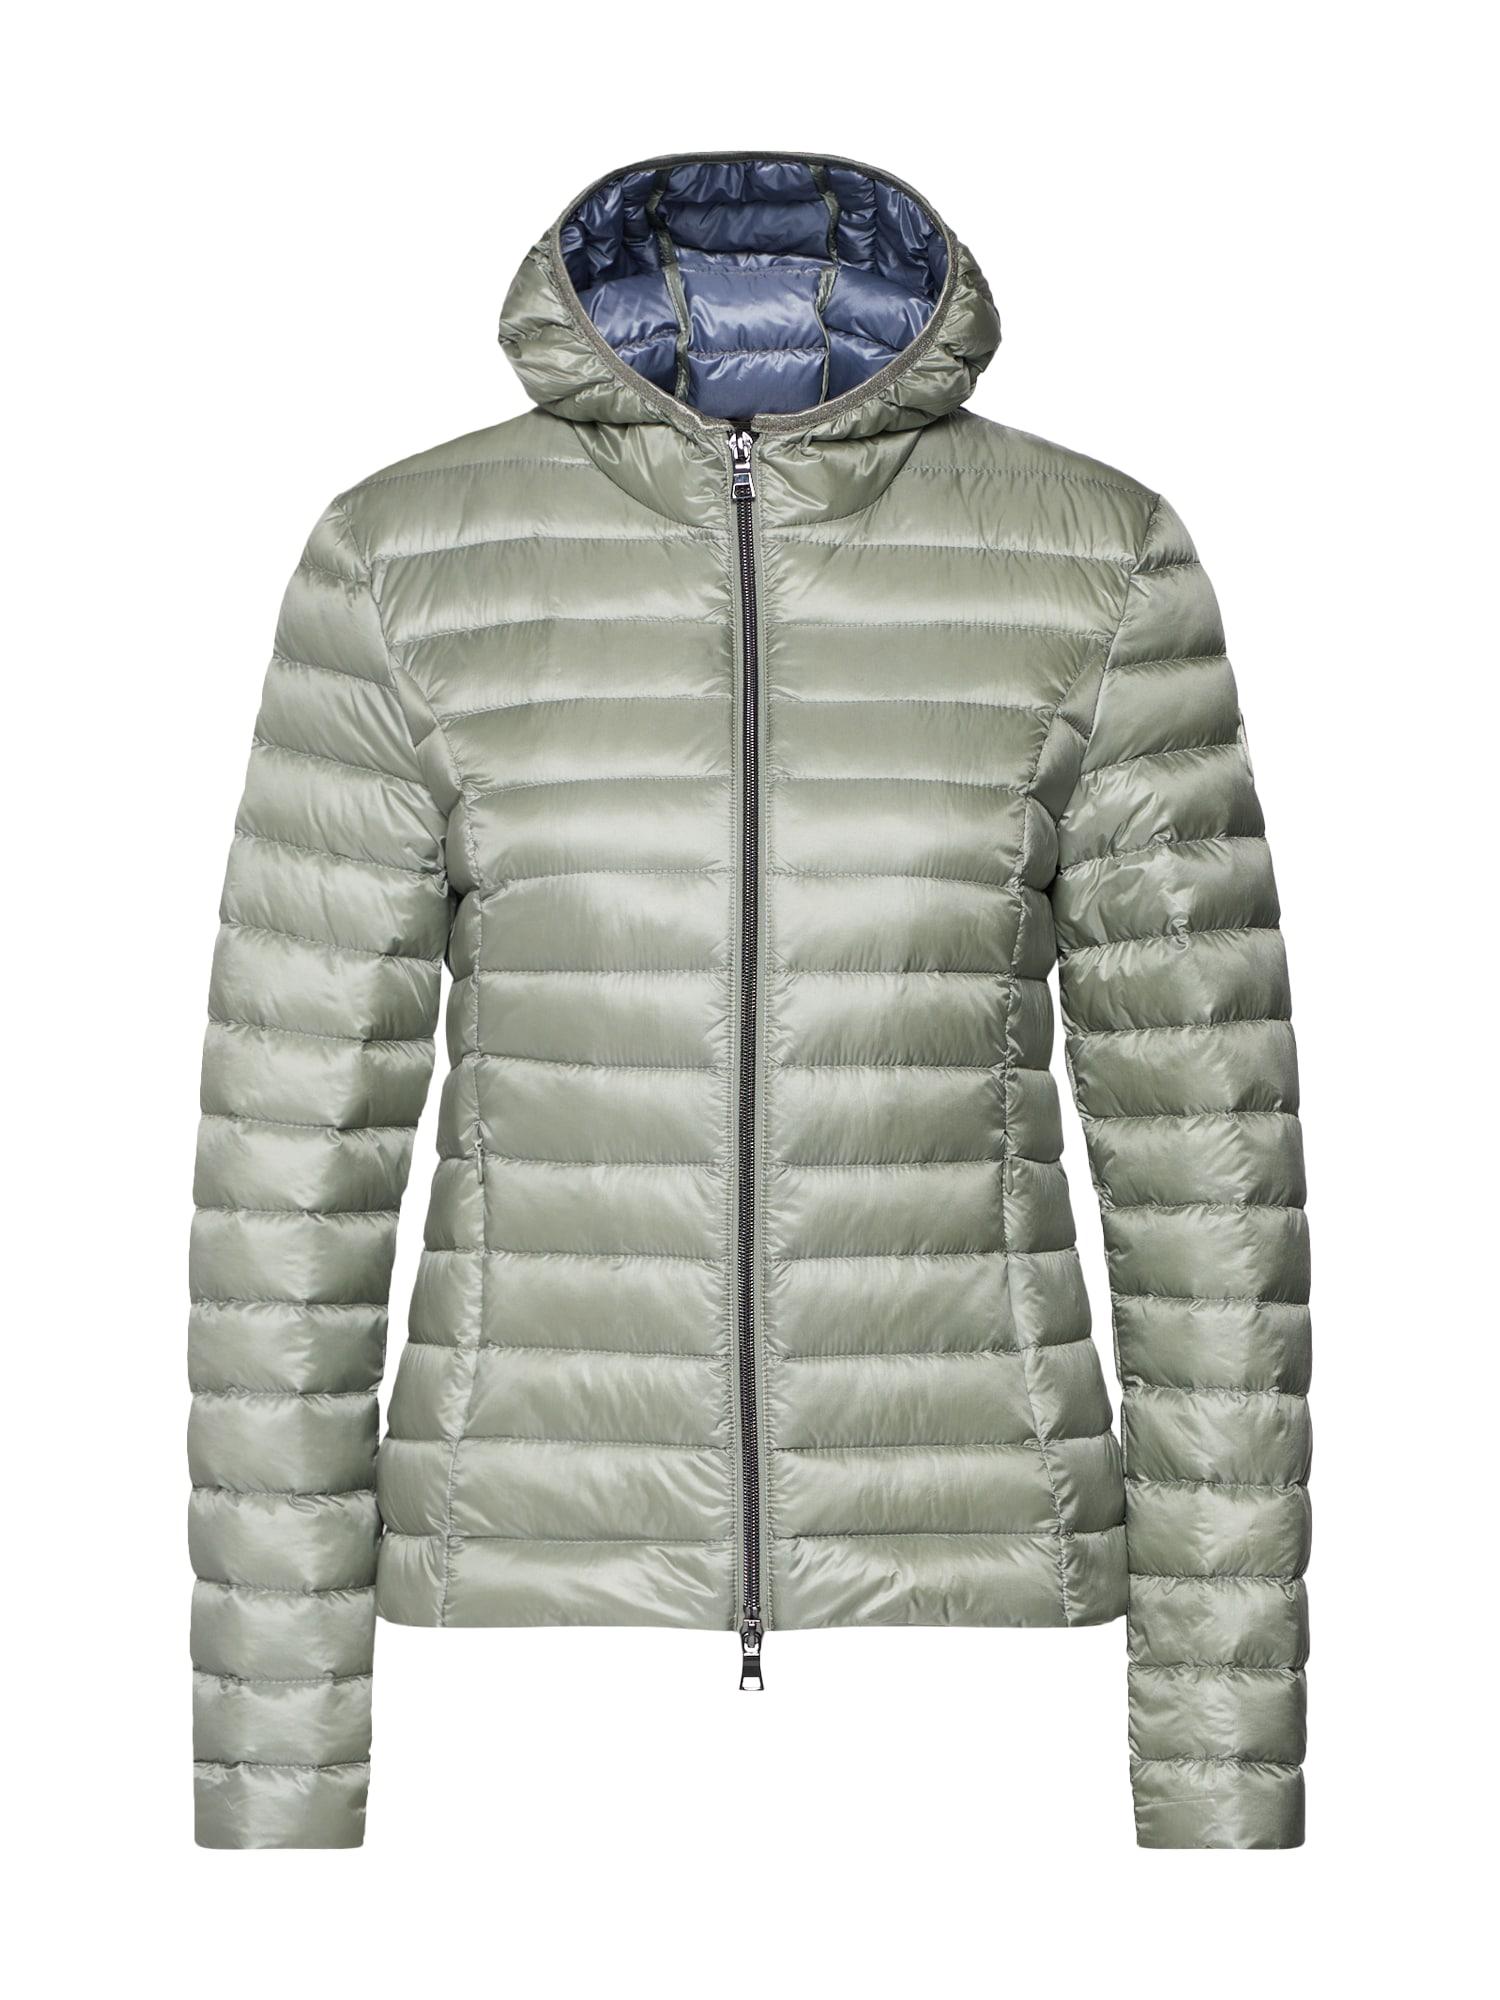 Zimní bunda Forte pastelově zelená No. 1 Como